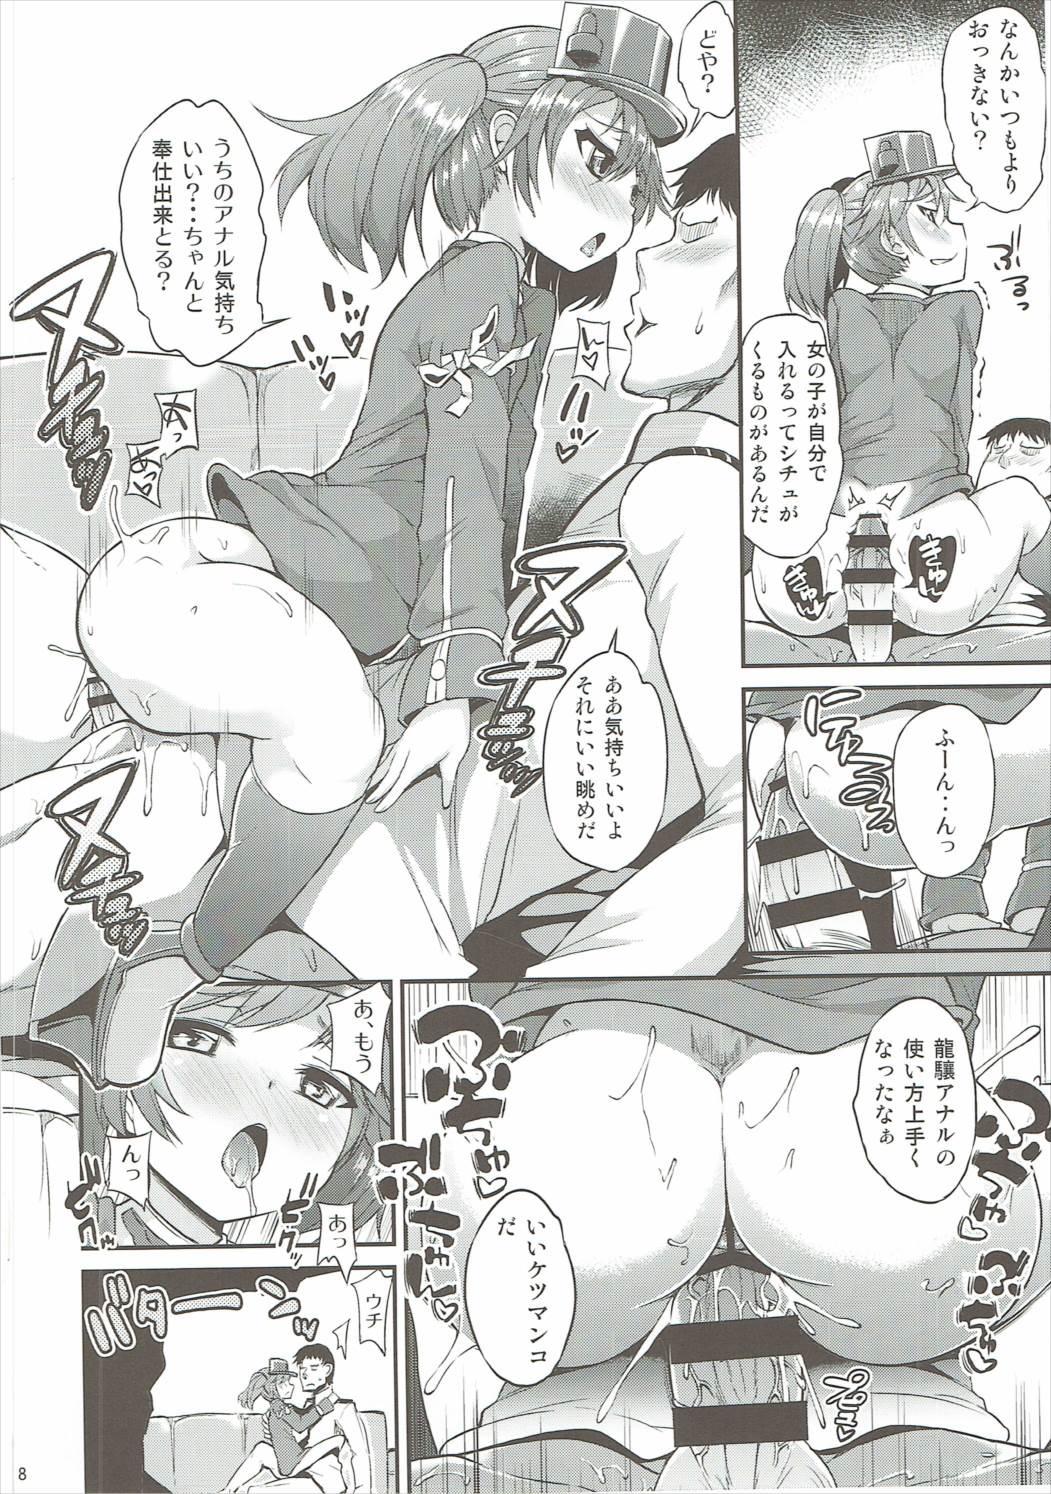 【艦これ エロ漫画・エロ同人】利根と龍驤がケンカした結果、どちらが提督を満足させられるかで勝負することにwwwww (9)